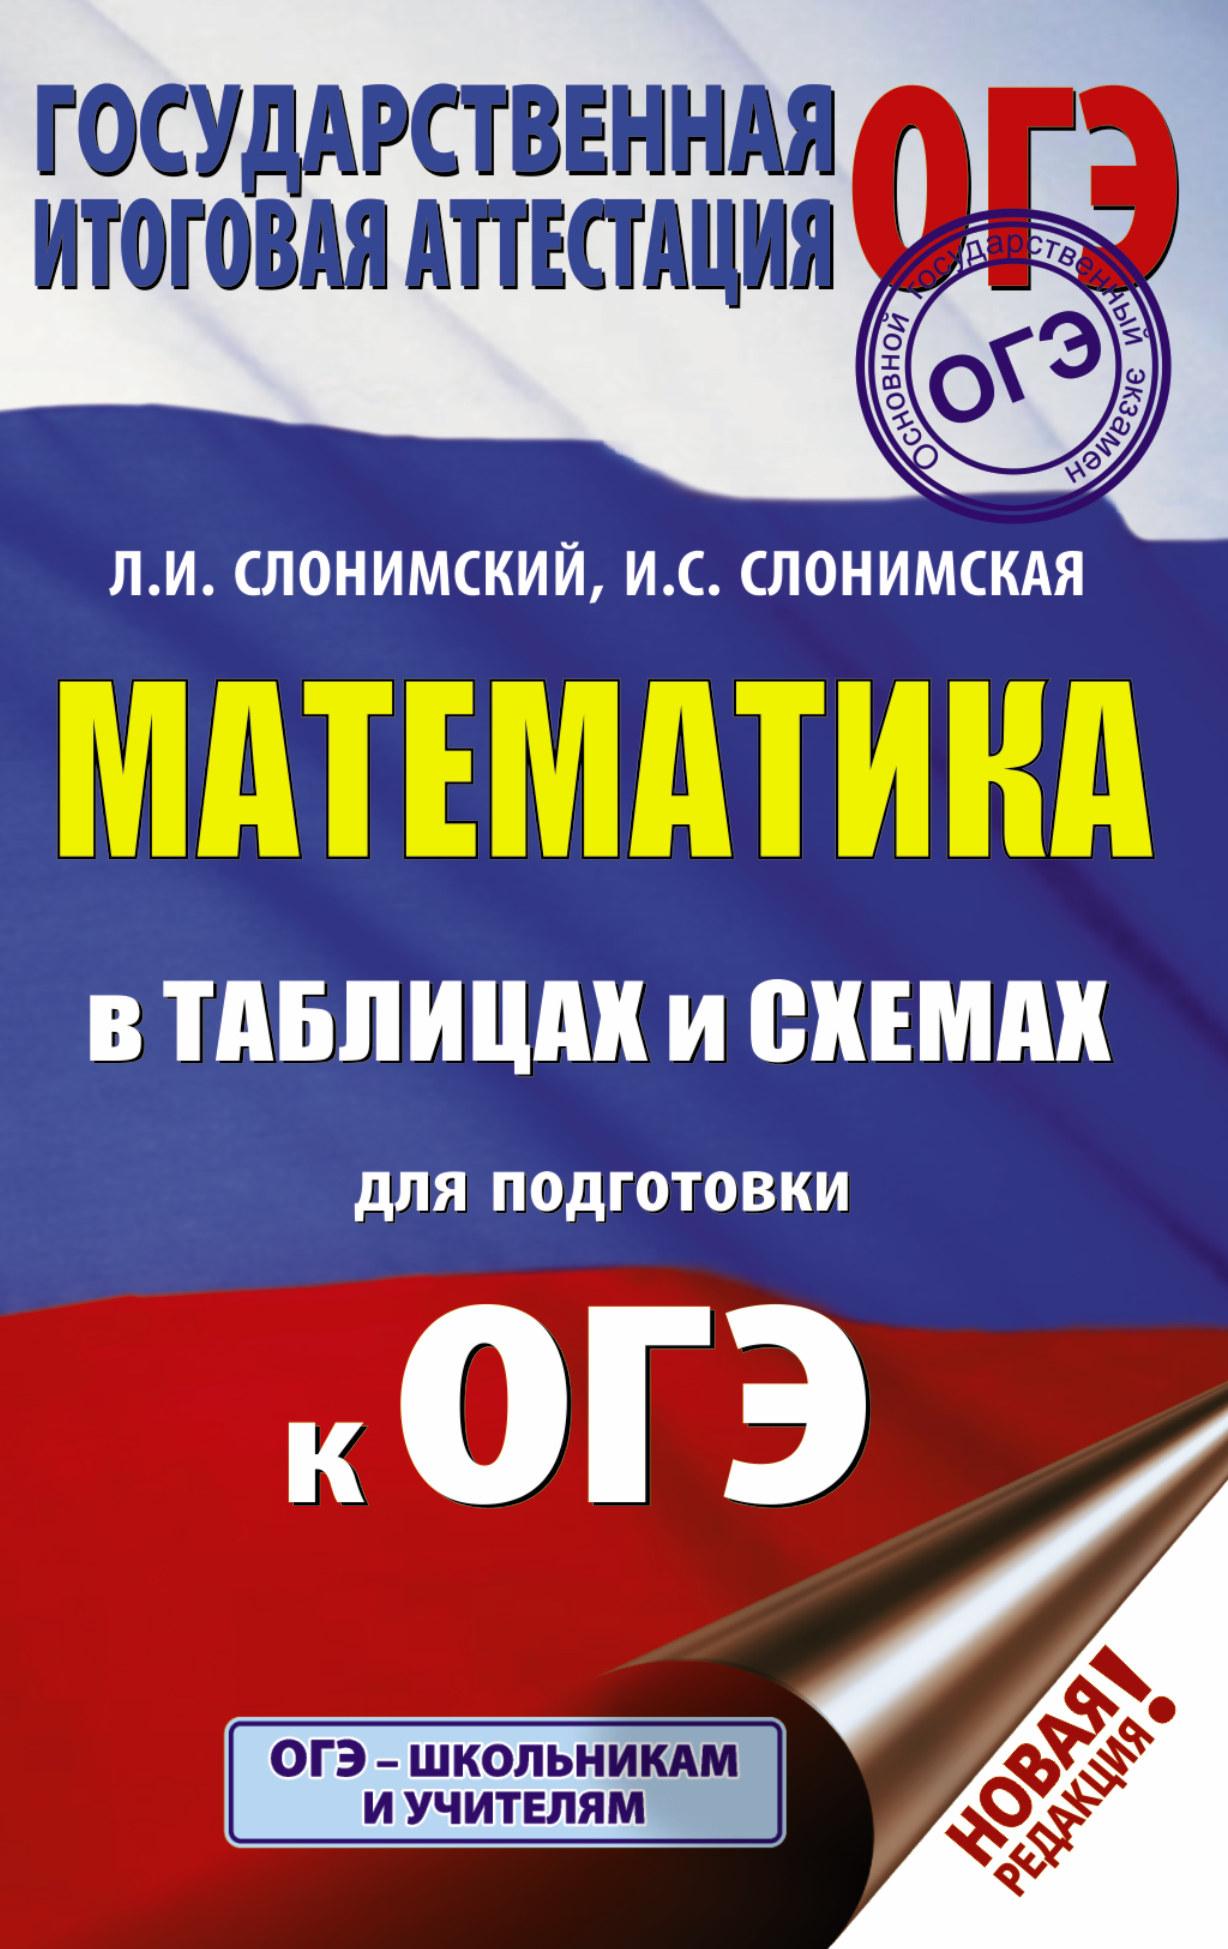 Л. И. Слонимский, И. С. Слонимская ОГЭ. Математика в таблицах и схемах для подготовки к ОГЭ цена